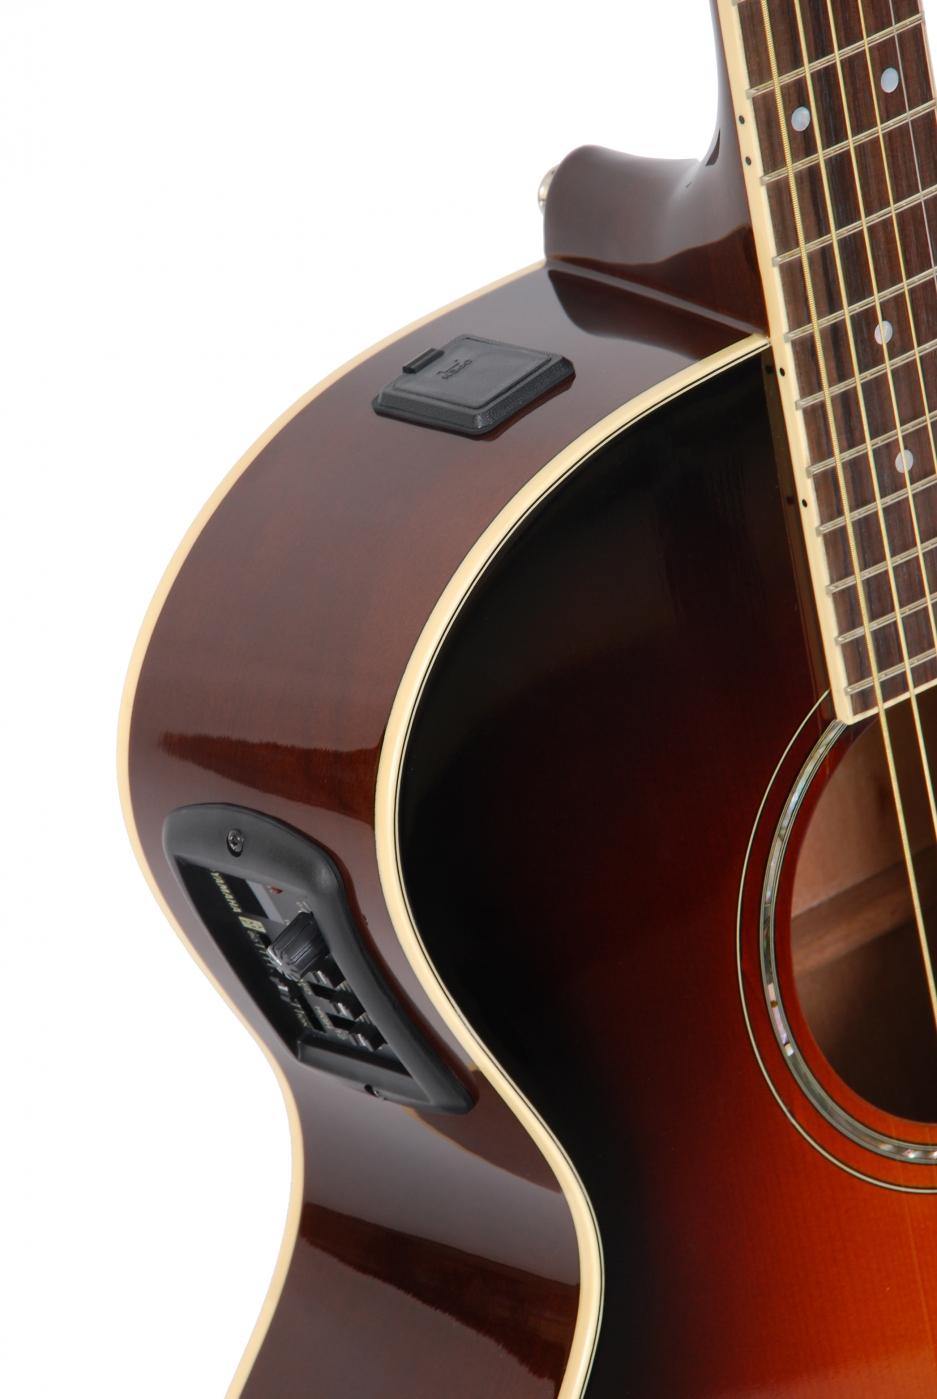 yamaha cpx 500 old violin sunburst elektro akustik gitarre. Black Bedroom Furniture Sets. Home Design Ideas